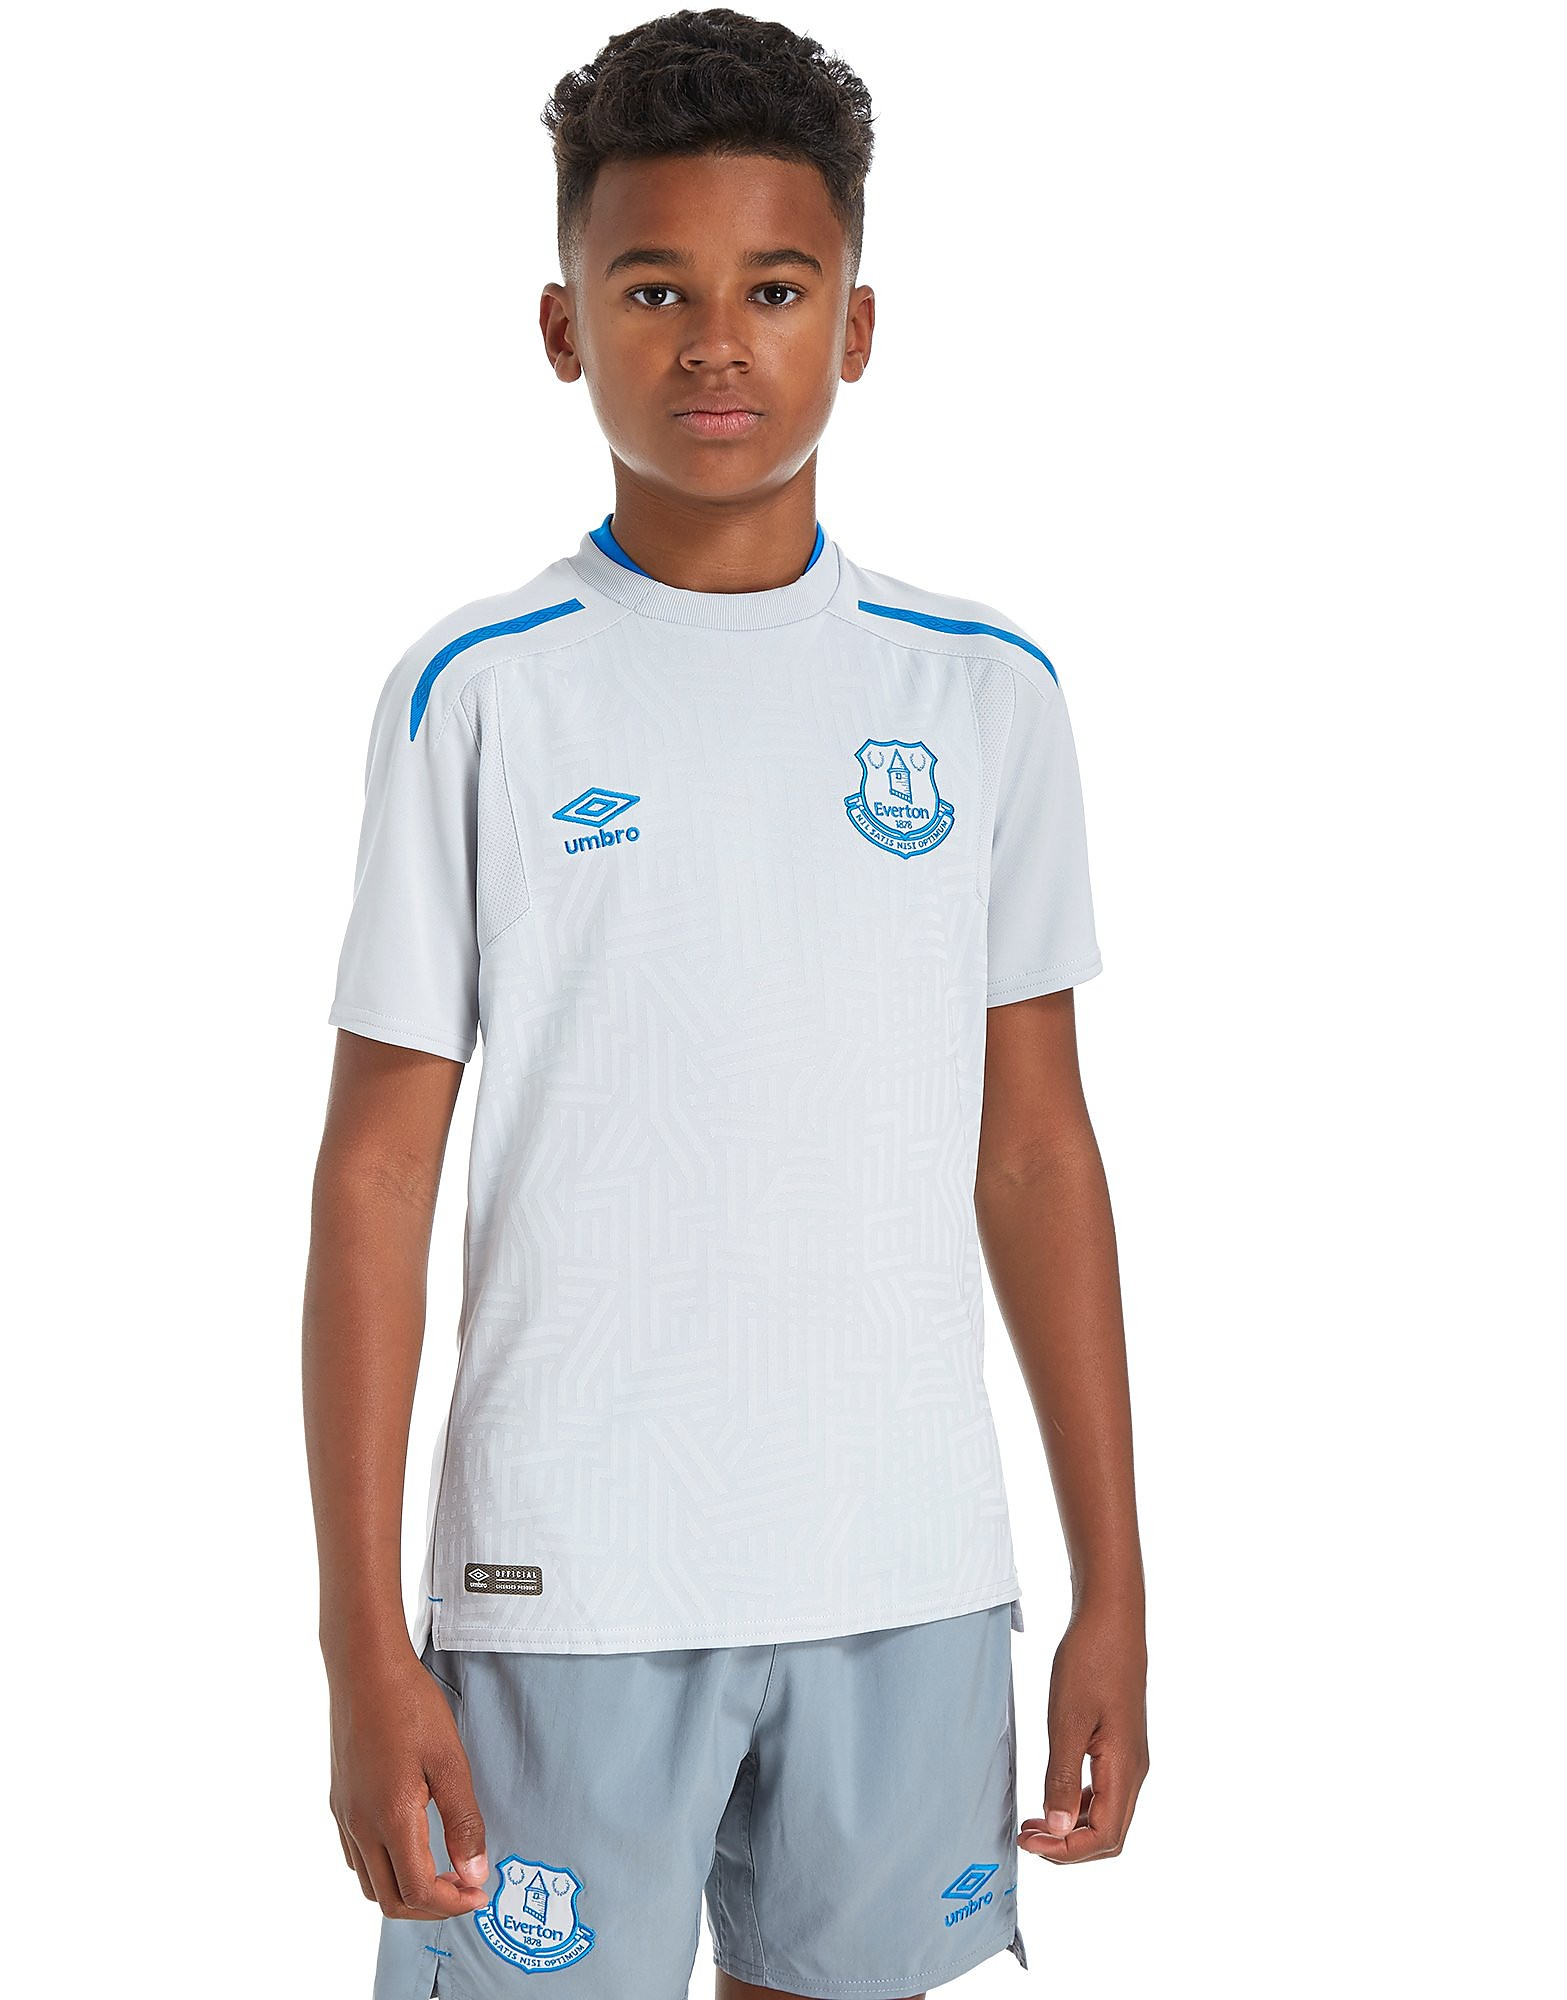 Umbro Everton FC 2017/18 Away Shirt Junior